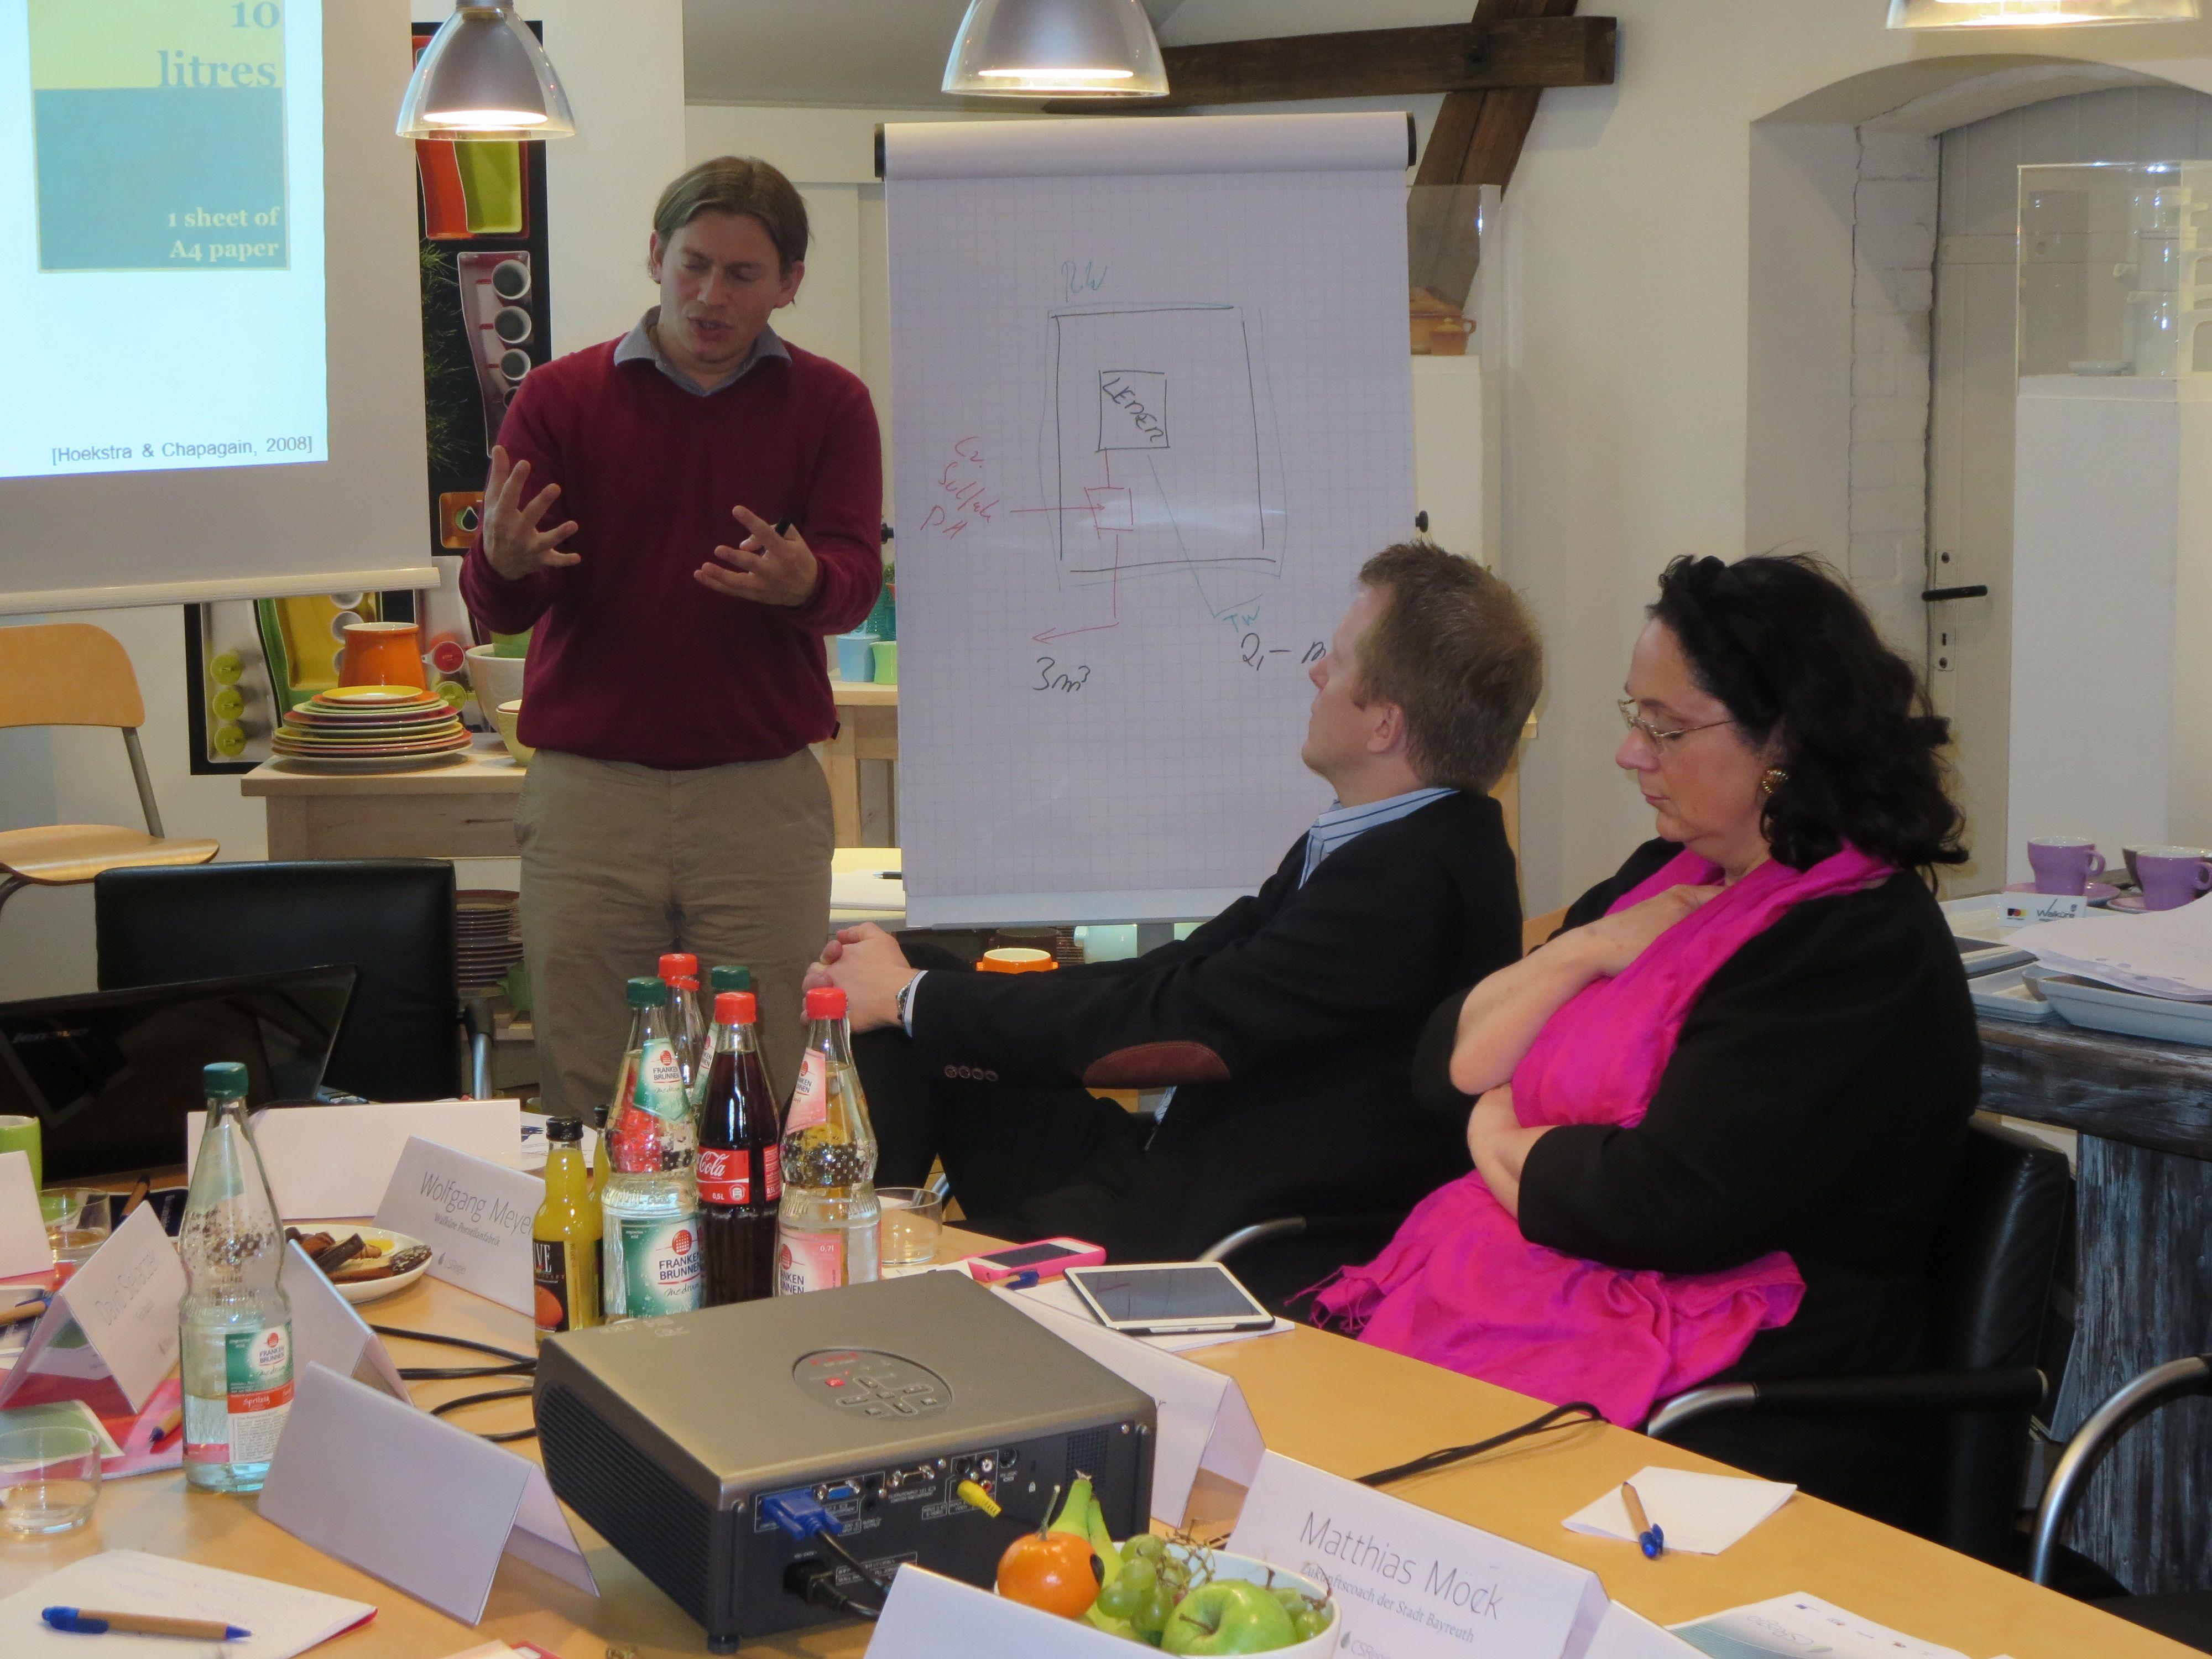 Frederik Maurer von iwr Ing. während seines Vortrags zum Wasser-Fußabdruck